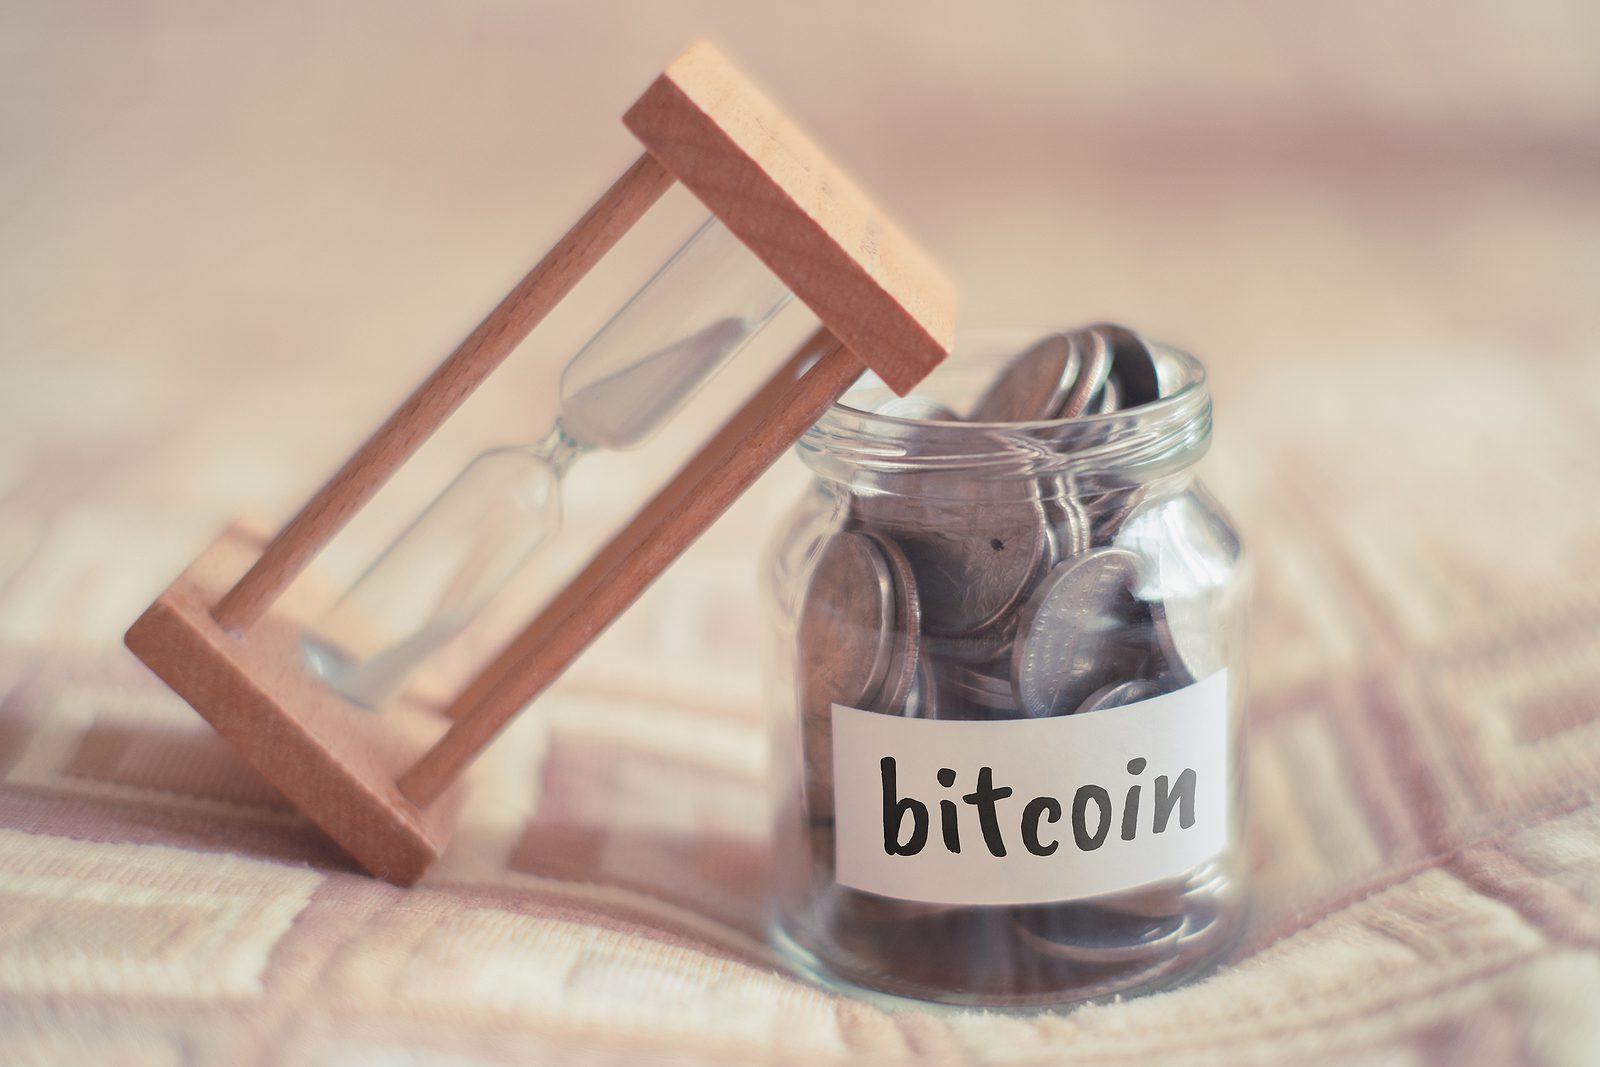 Las ganancias de Bitcoin parecen ínfimas delante de las de Uniswap y Ethereum